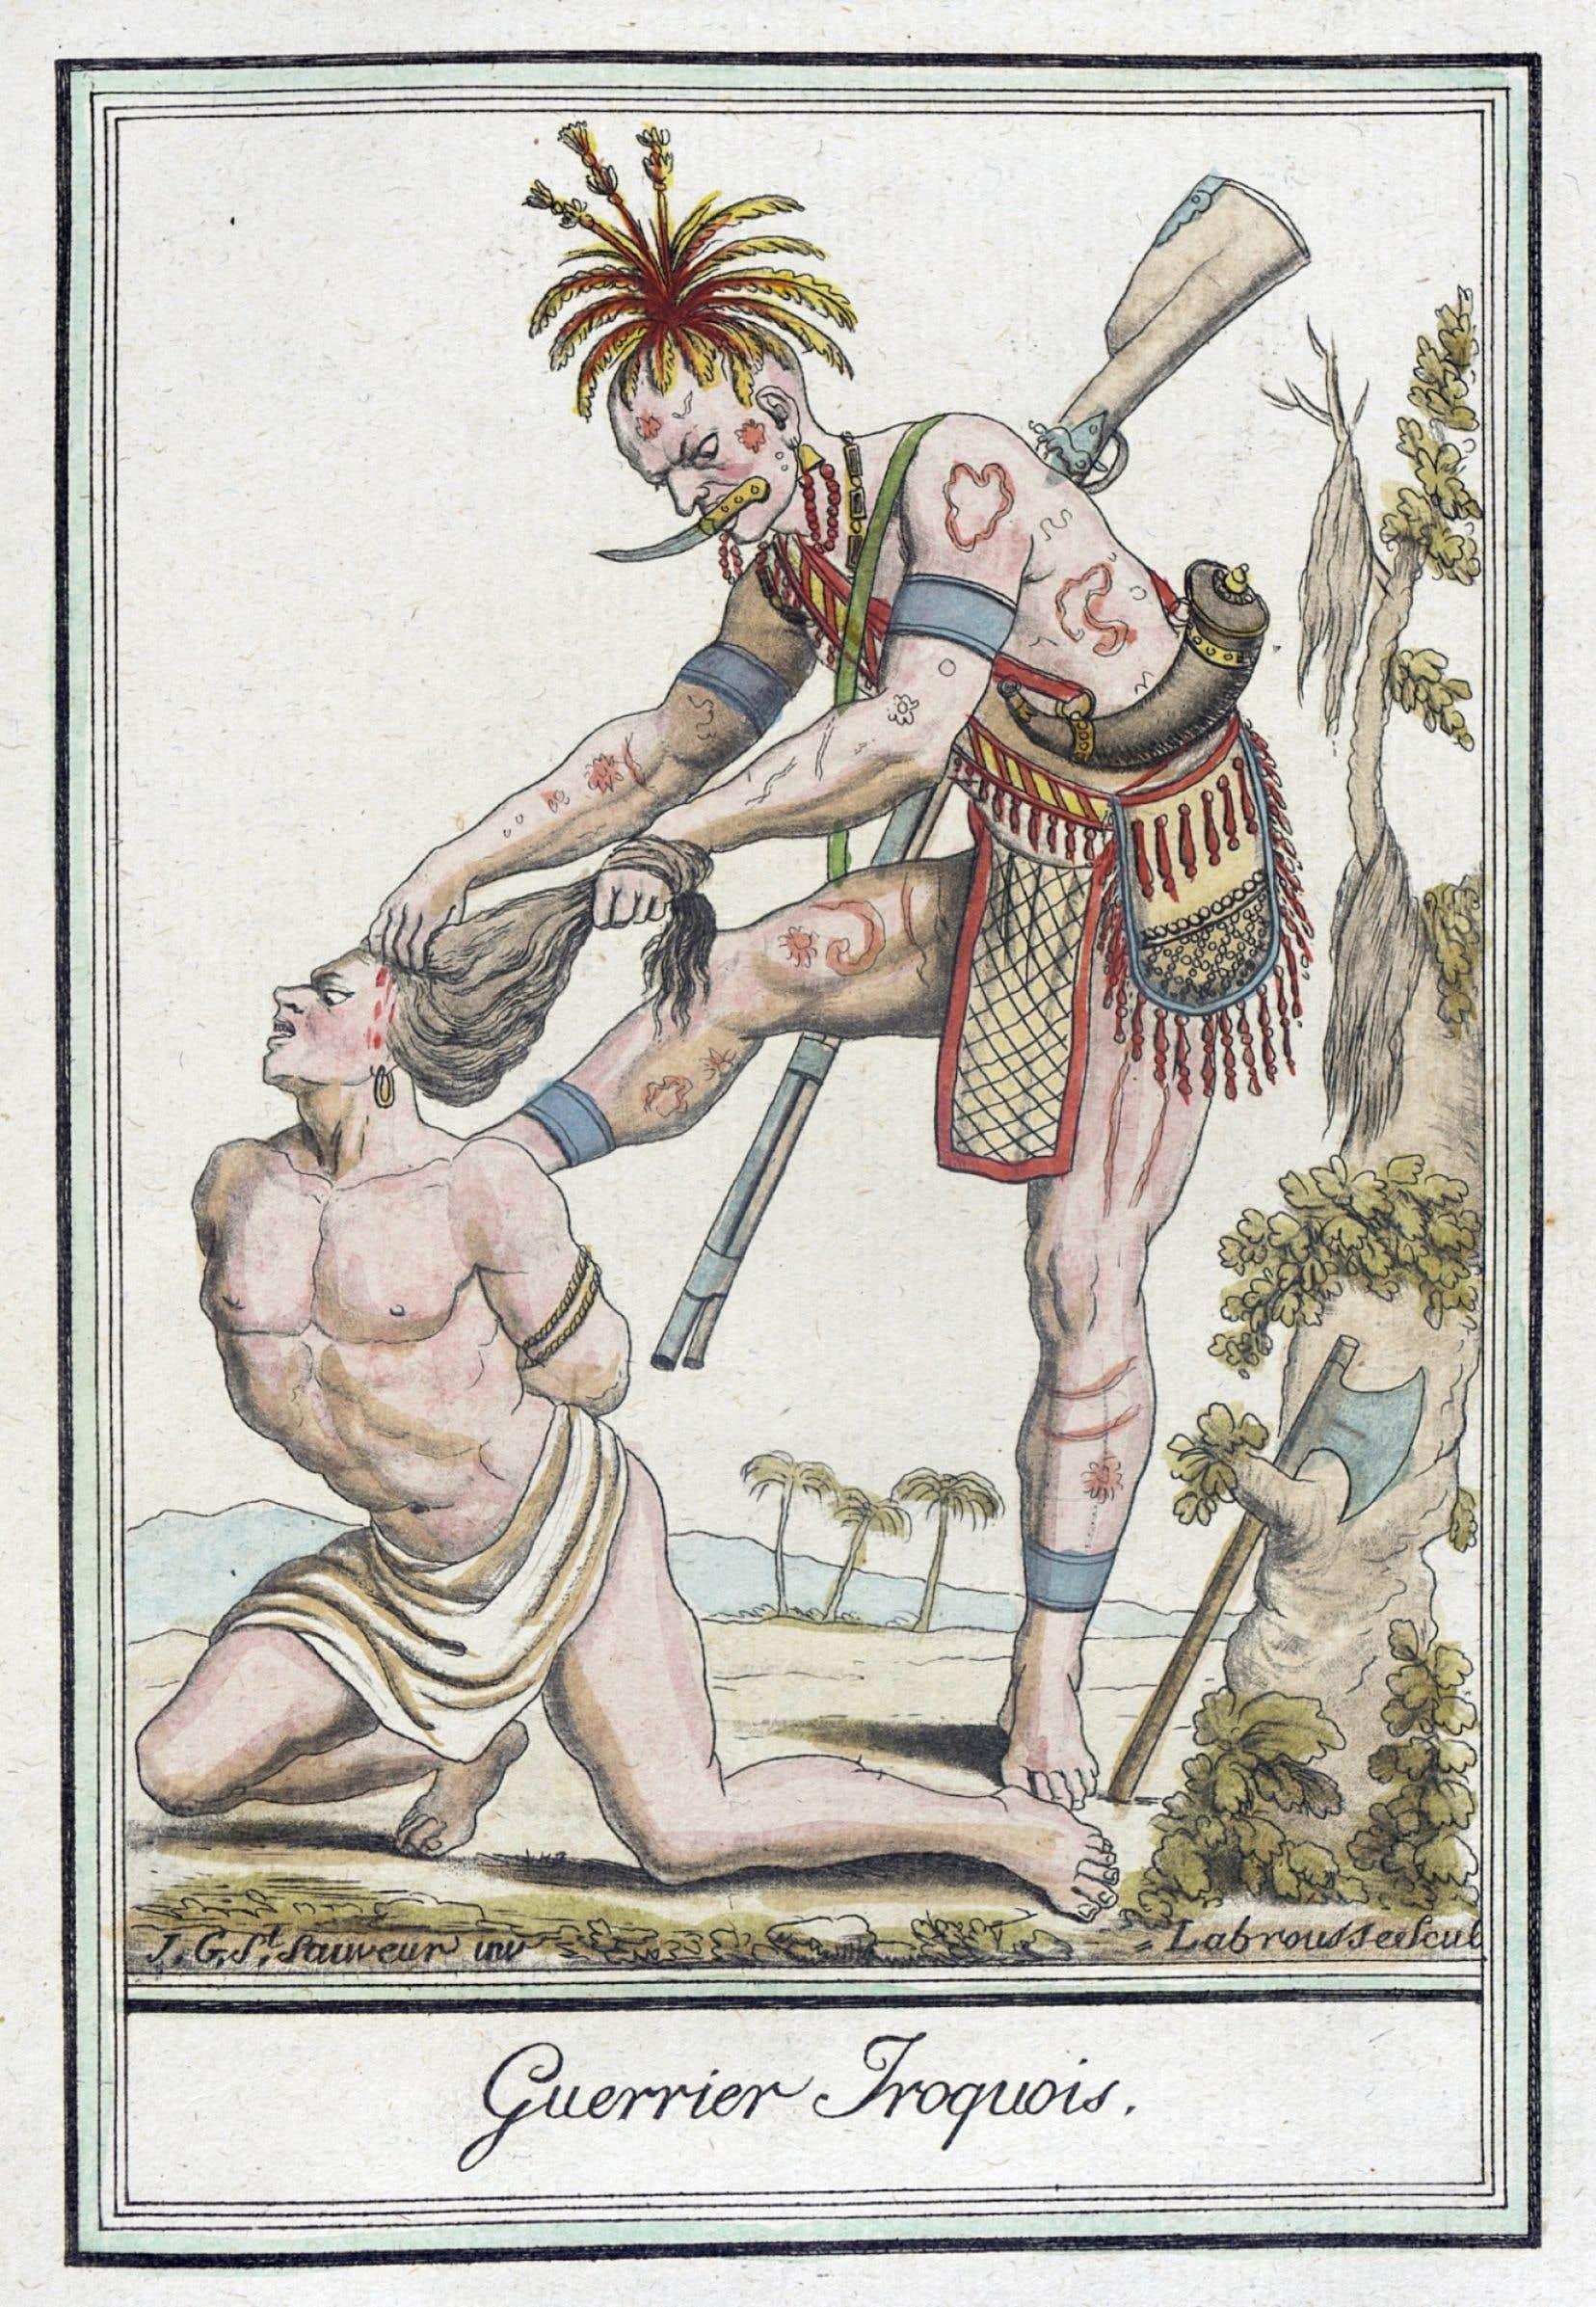 Guerrier iroquois dessiné par Jacques Grasset de Saint-Sauveur au XVIIIe siècle. La scalpation a profondément marqué l'imaginaire du Nouveau Monde.